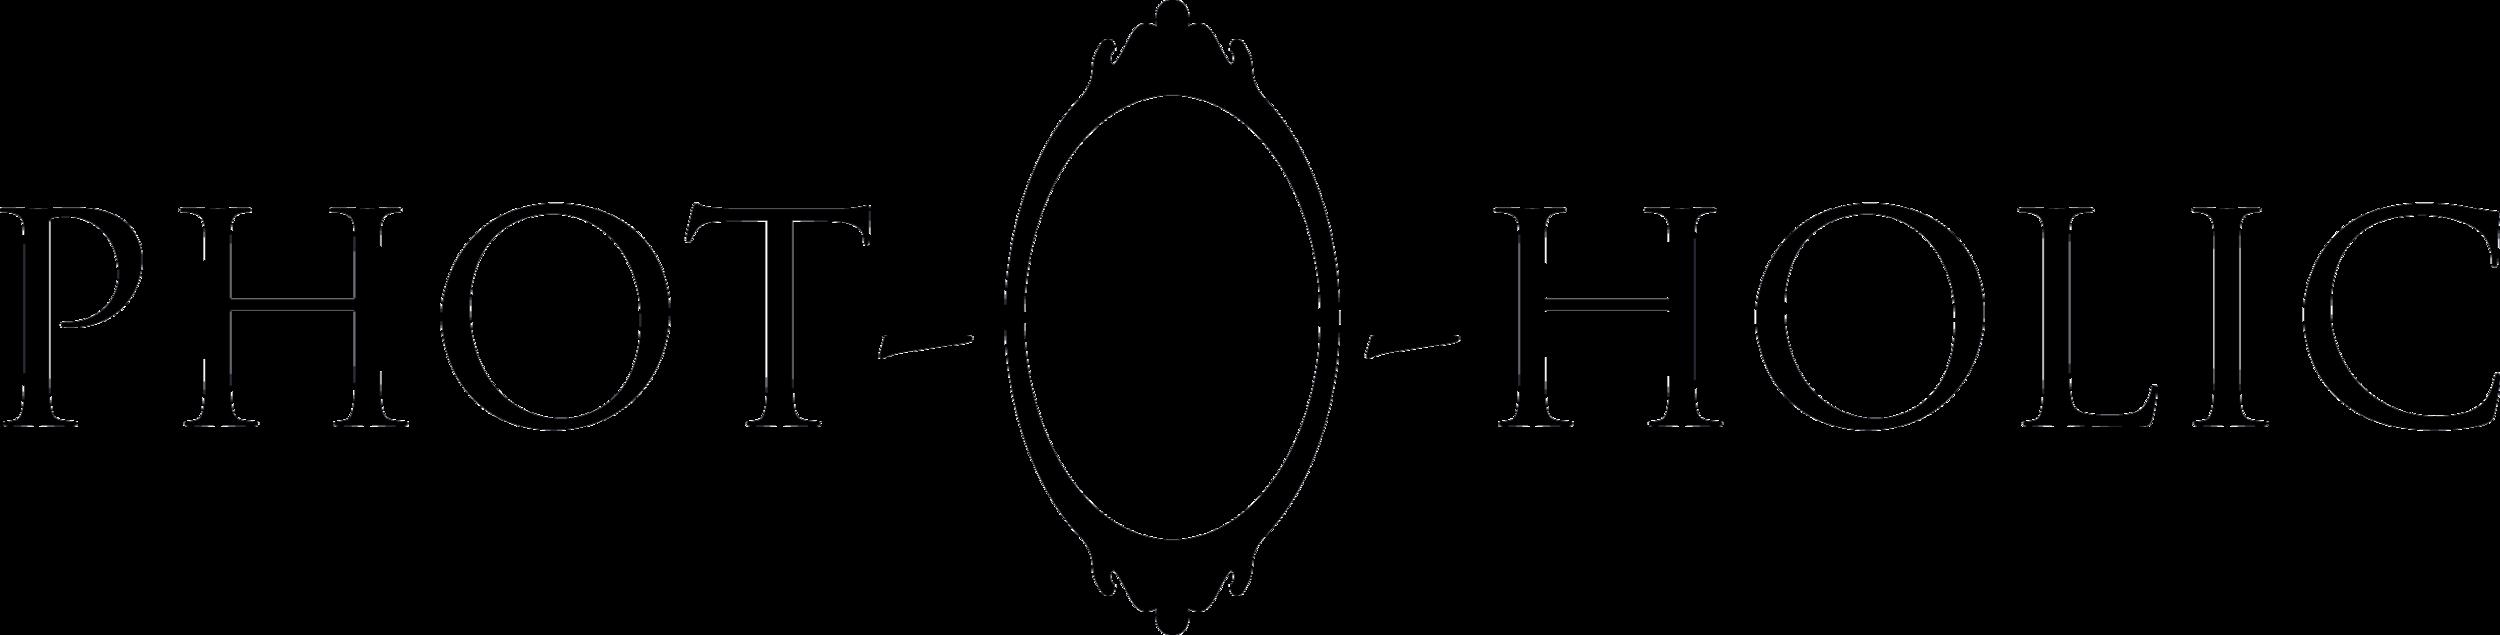 Phot-O-Holic logo black.png